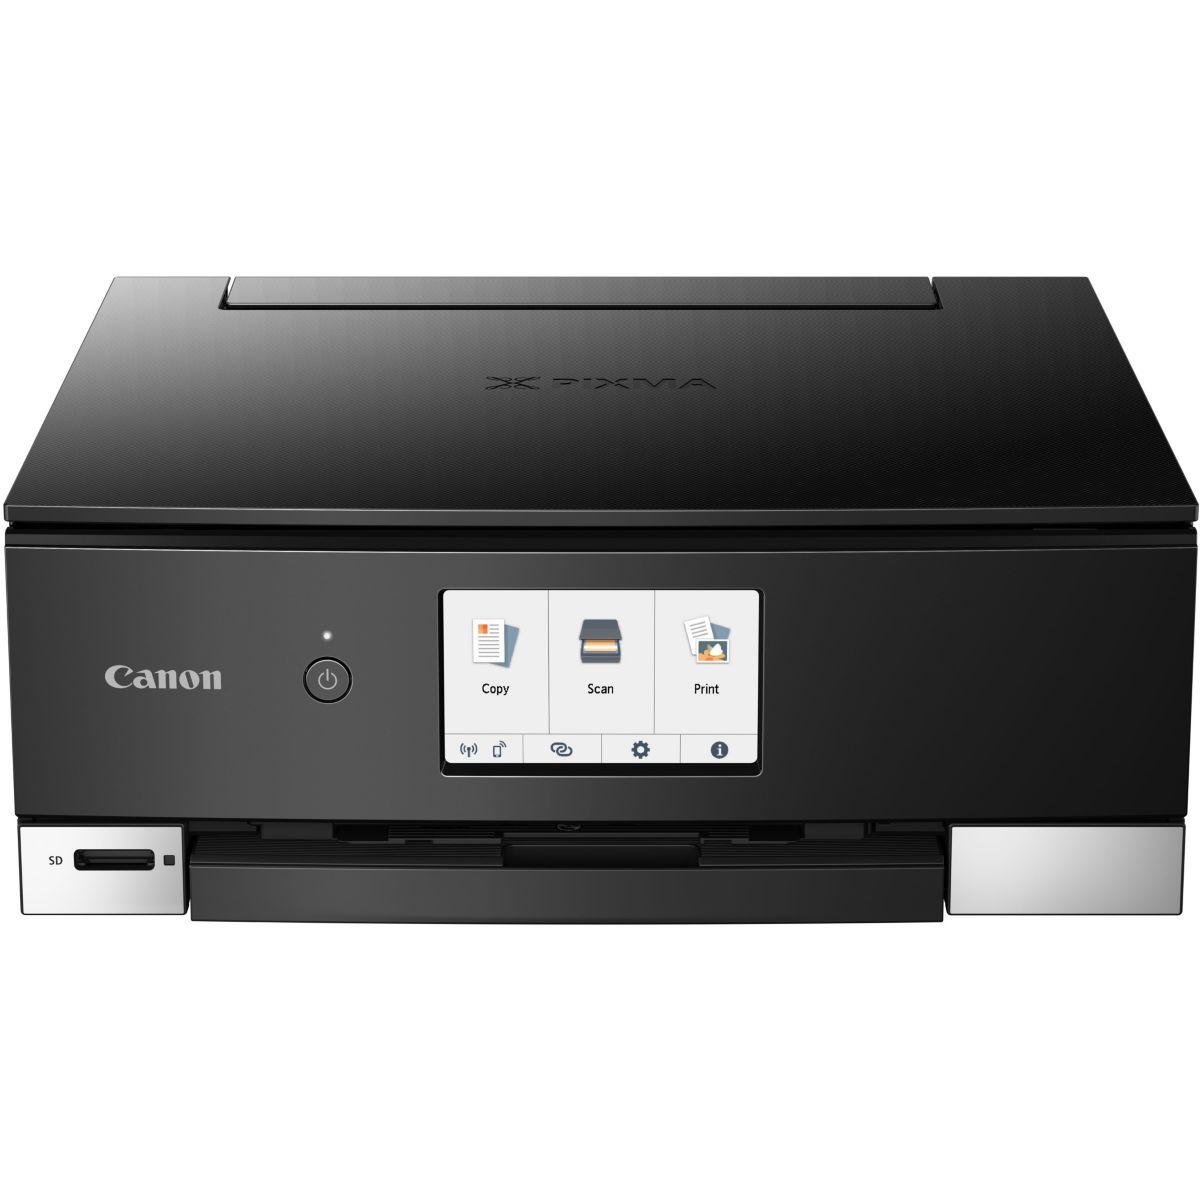 Imprimante jet d'encre CANON TS 8250 (photo)